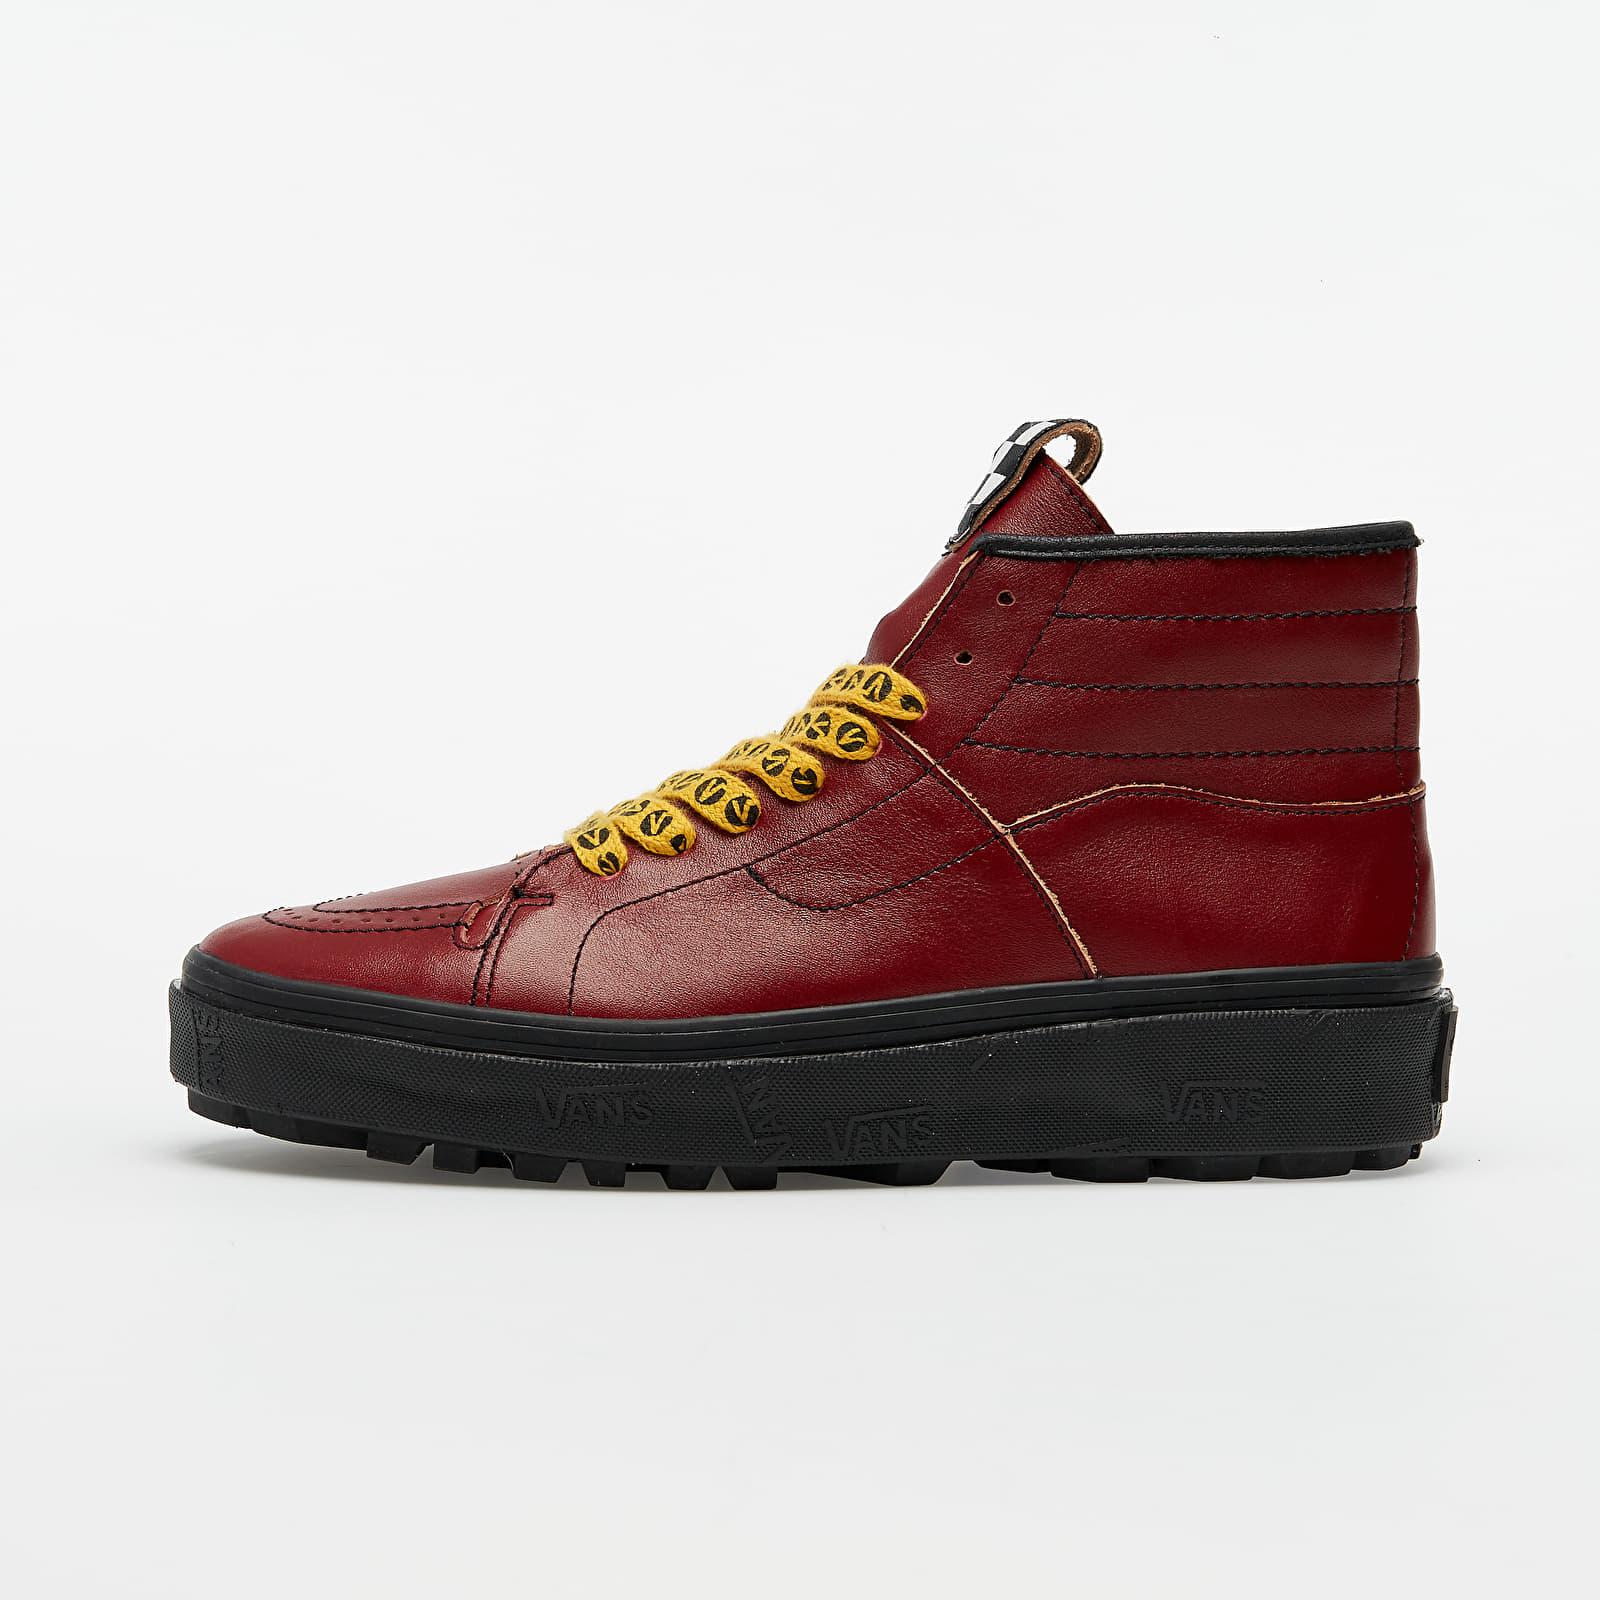 Vans Vans x Taka Hayashi Sk8-Boot LX (Leather) Red Dahlia/ Black EUR 35